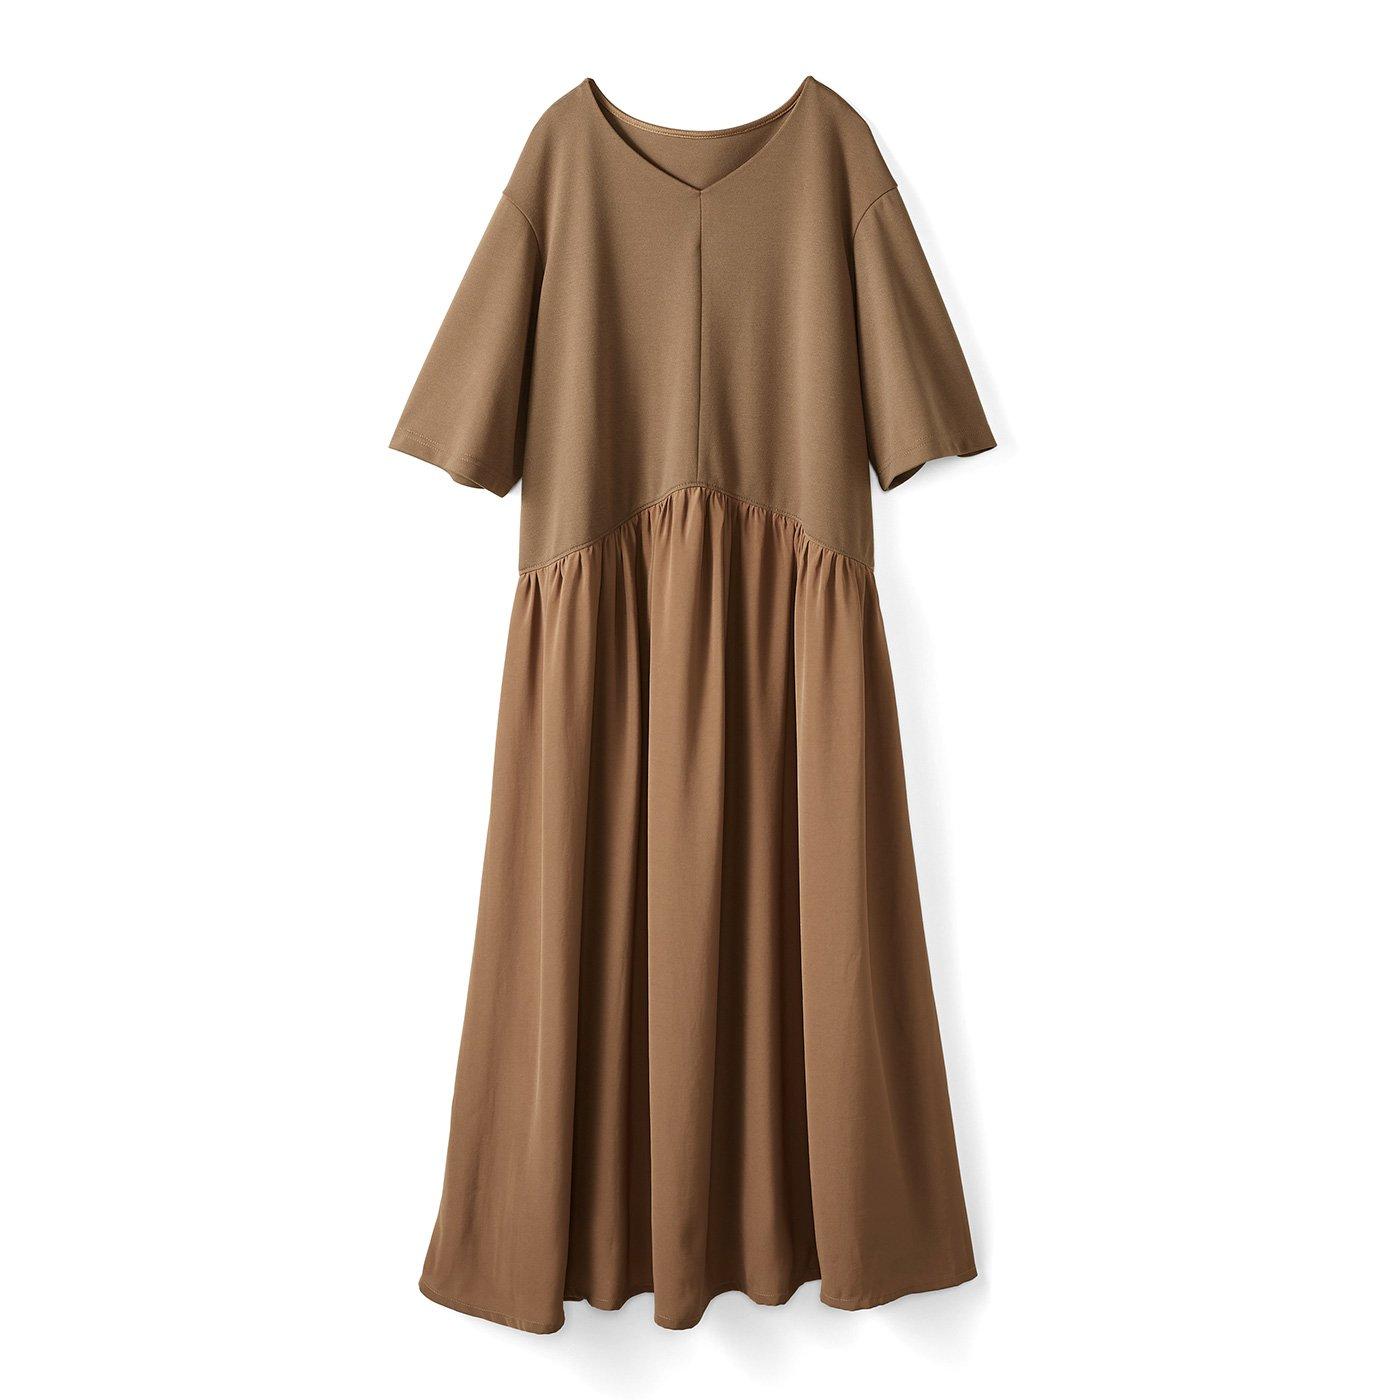 IEDIT[イディット] トップスは吸汗速乾カットソー スカートは布はくの異素材遣い 快適着映えロングワンピース〈キャメルベージュ〉